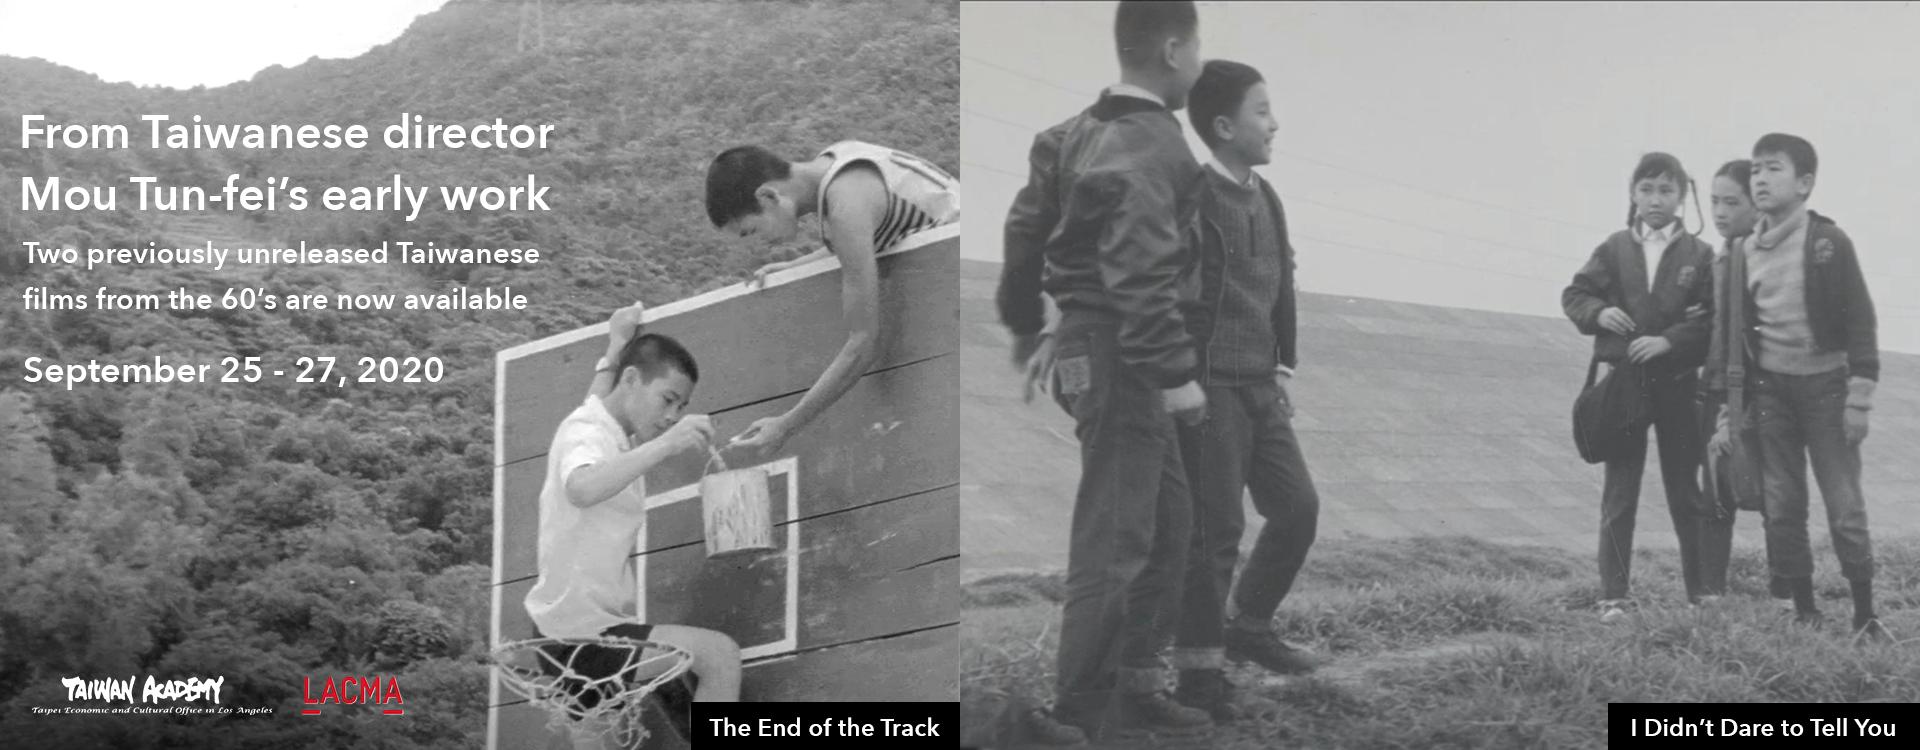 洛杉磯郡立美術館推出台灣實驗電影 牟敦芾早期作品美西首映「另開新視窗」